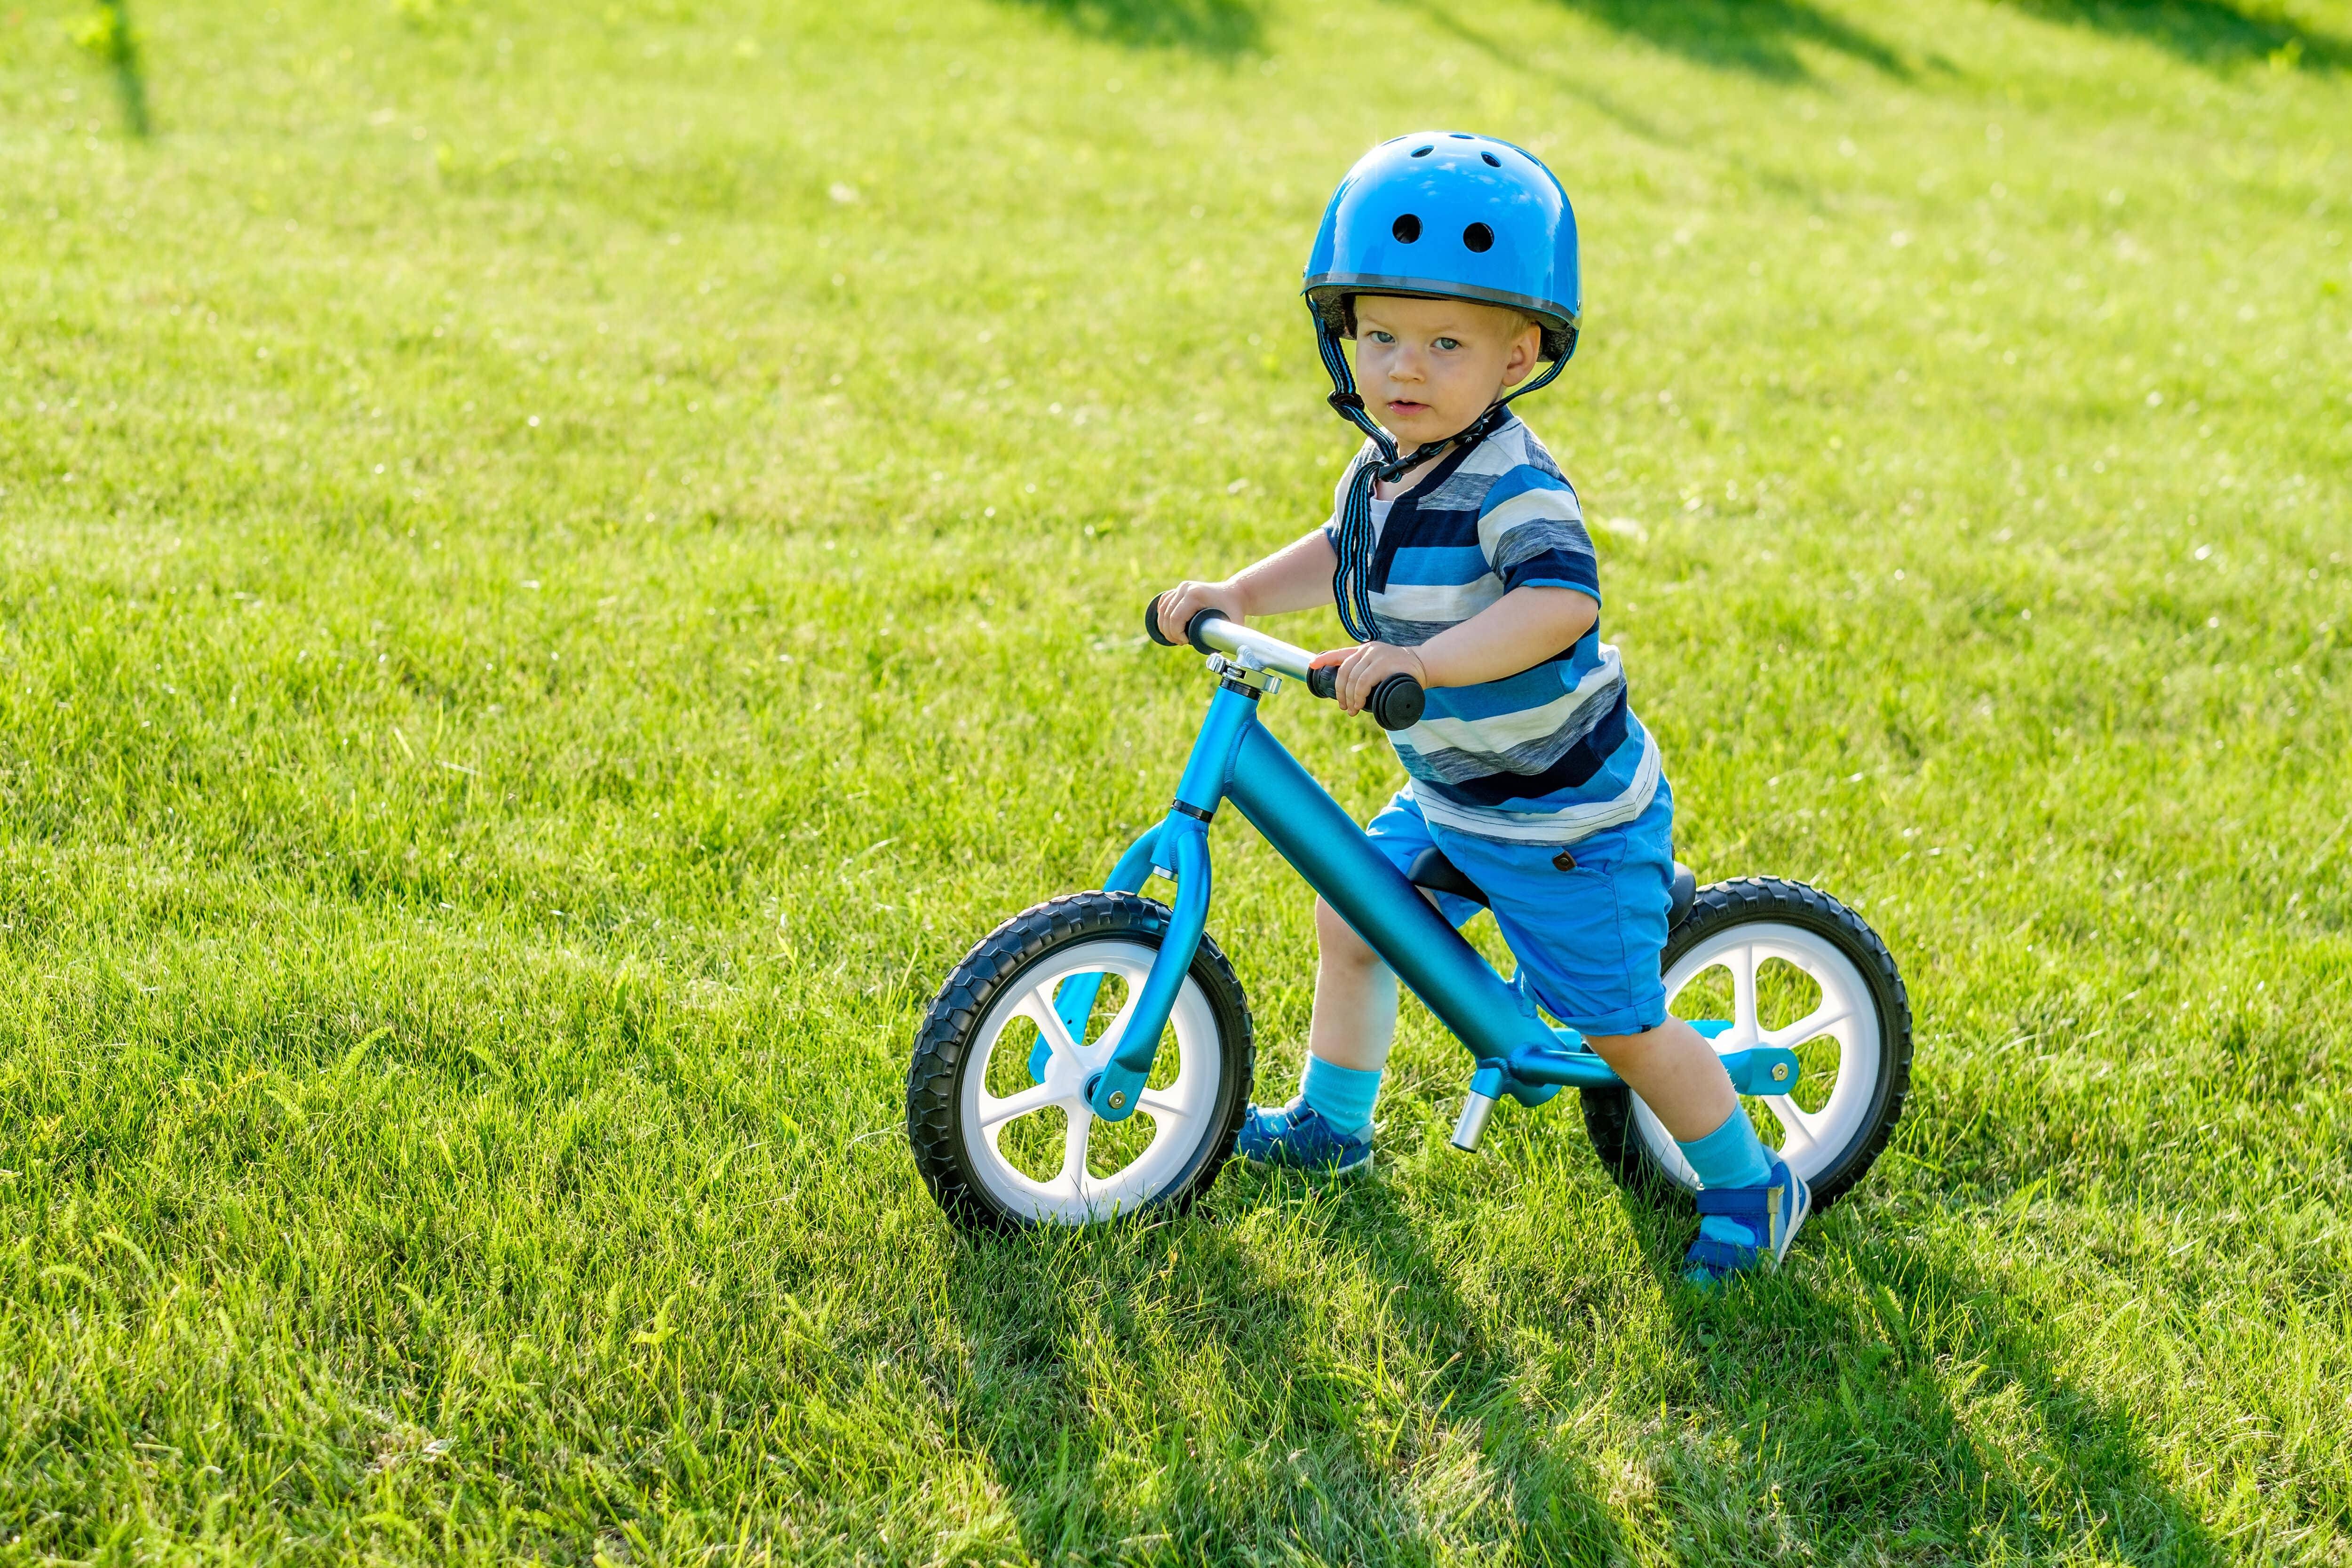 Niño pequeño montando sobre su bicicleta sin pedales azul